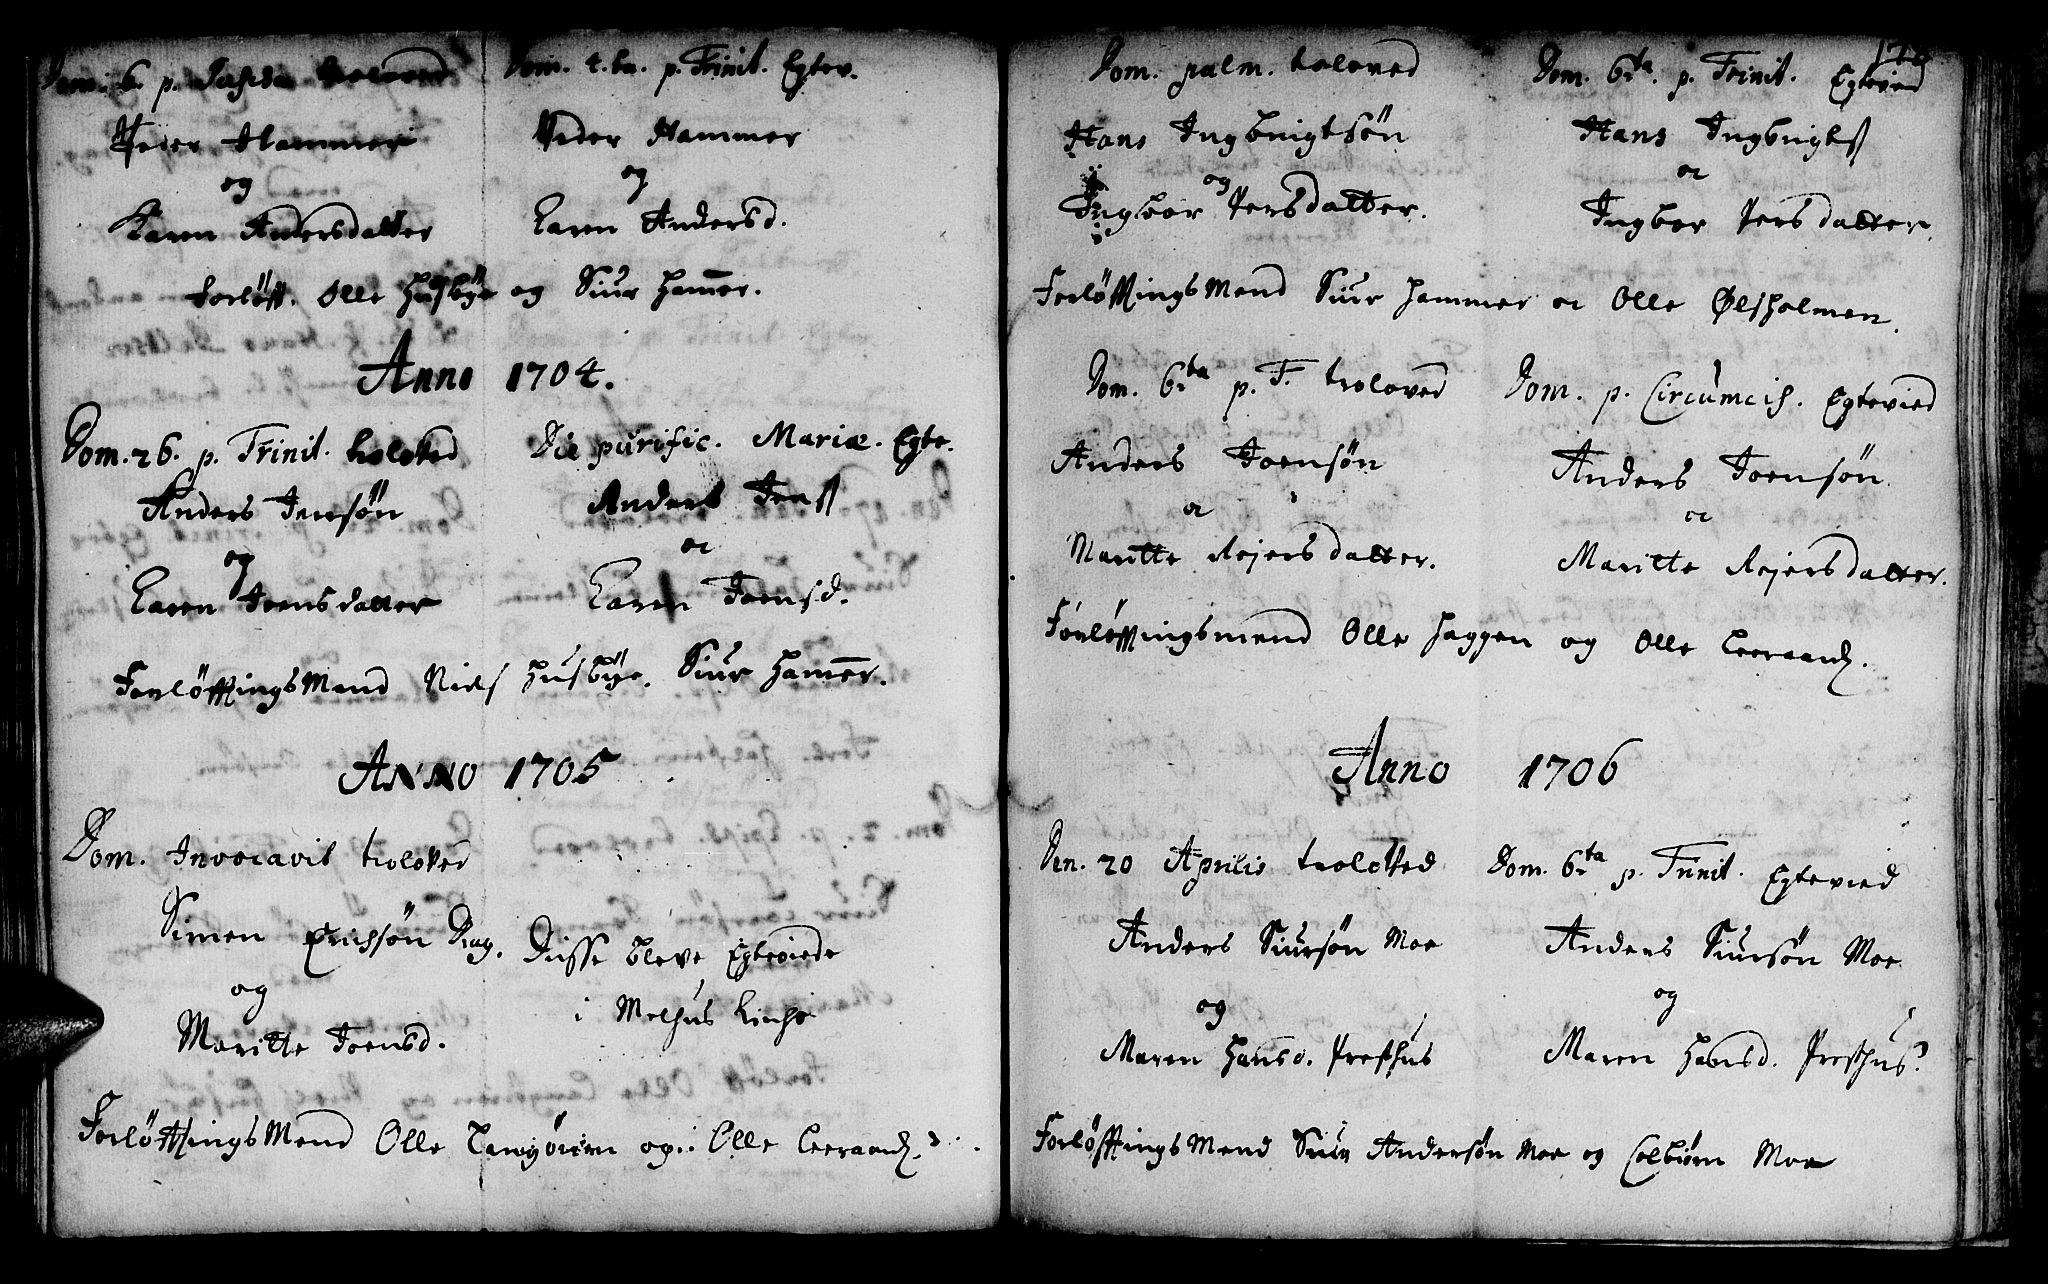 SAT, Ministerialprotokoller, klokkerbøker og fødselsregistre - Sør-Trøndelag, 666/L0783: Ministerialbok nr. 666A01, 1702-1753, s. 178